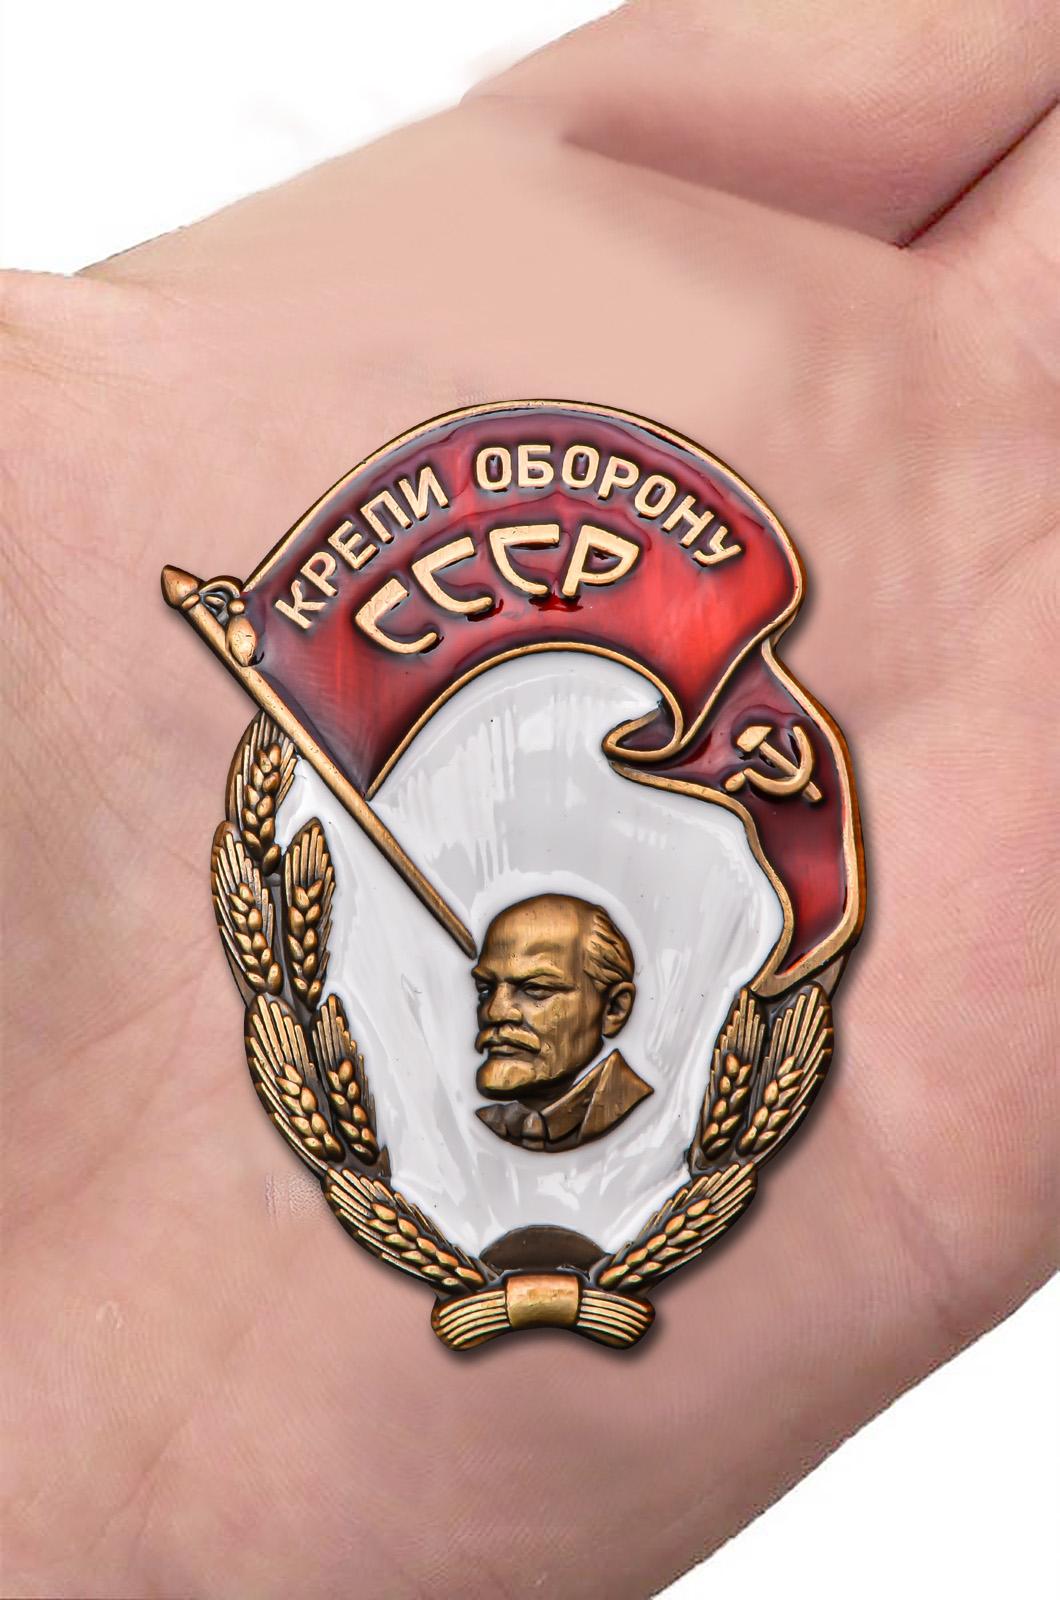 """Заказать нагрудный знак """"Крепи оборону СССР"""""""